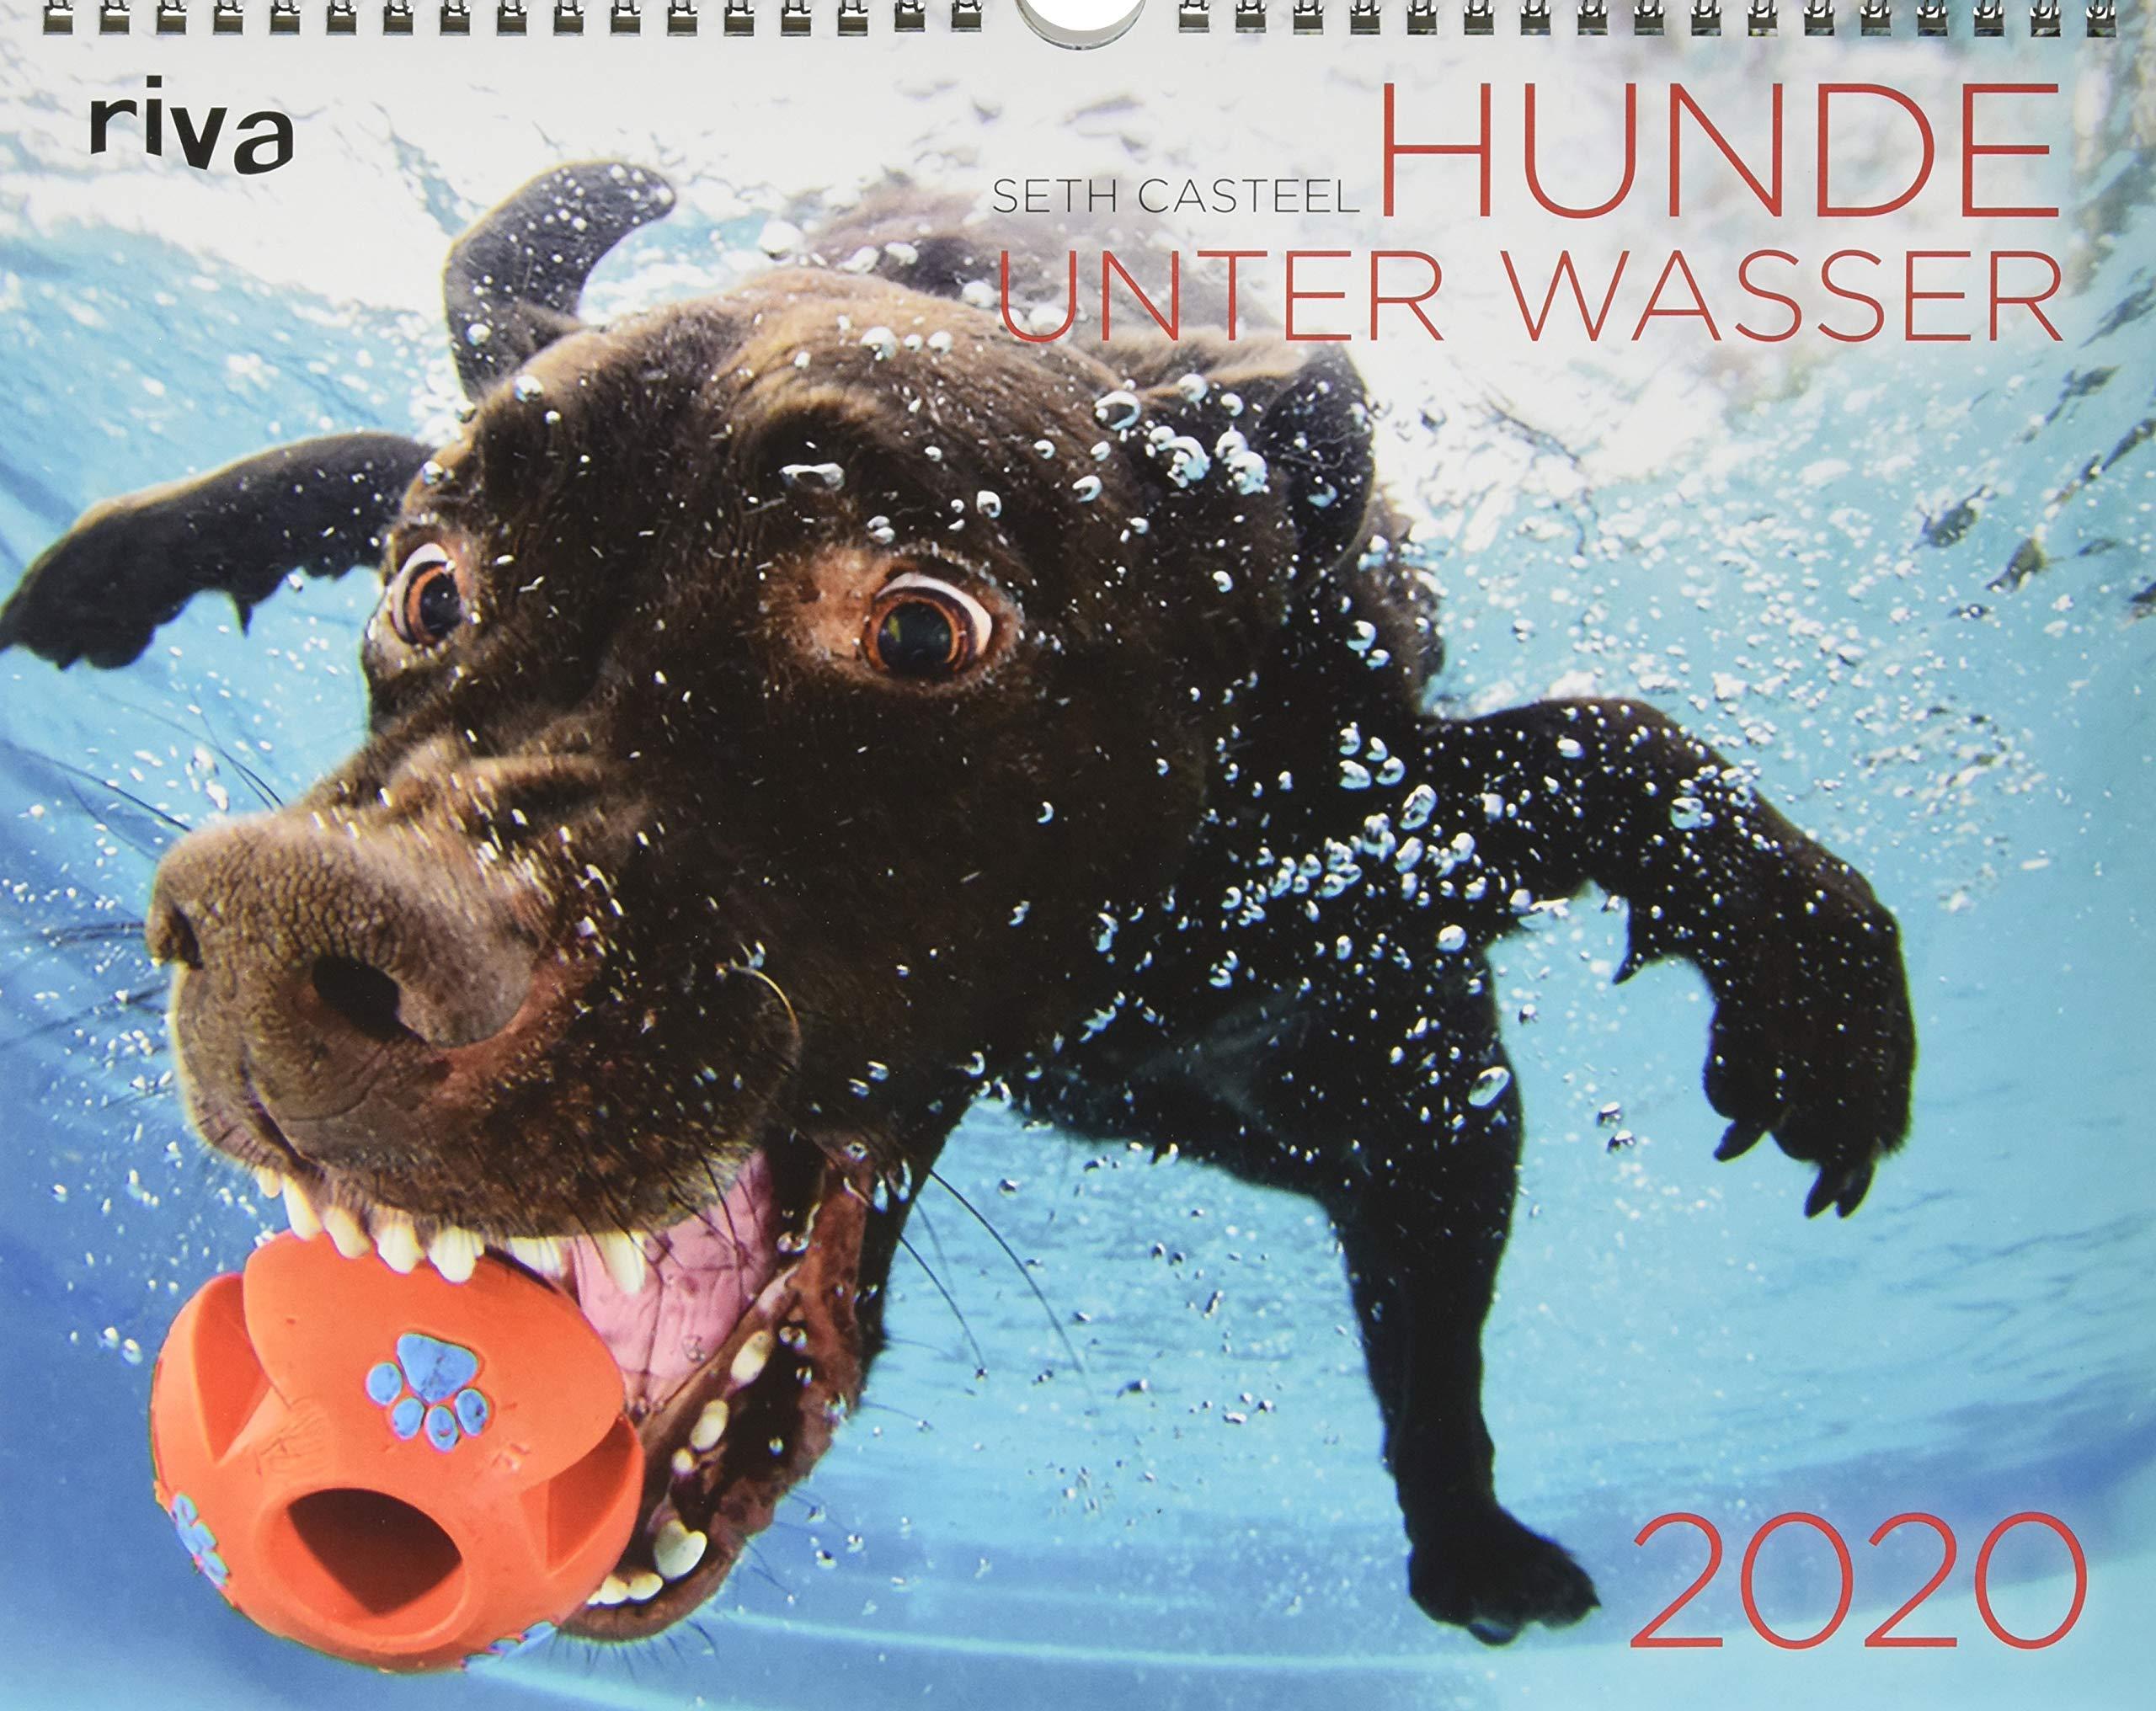 Hunde Unter Wasser 2020  Wandkalender